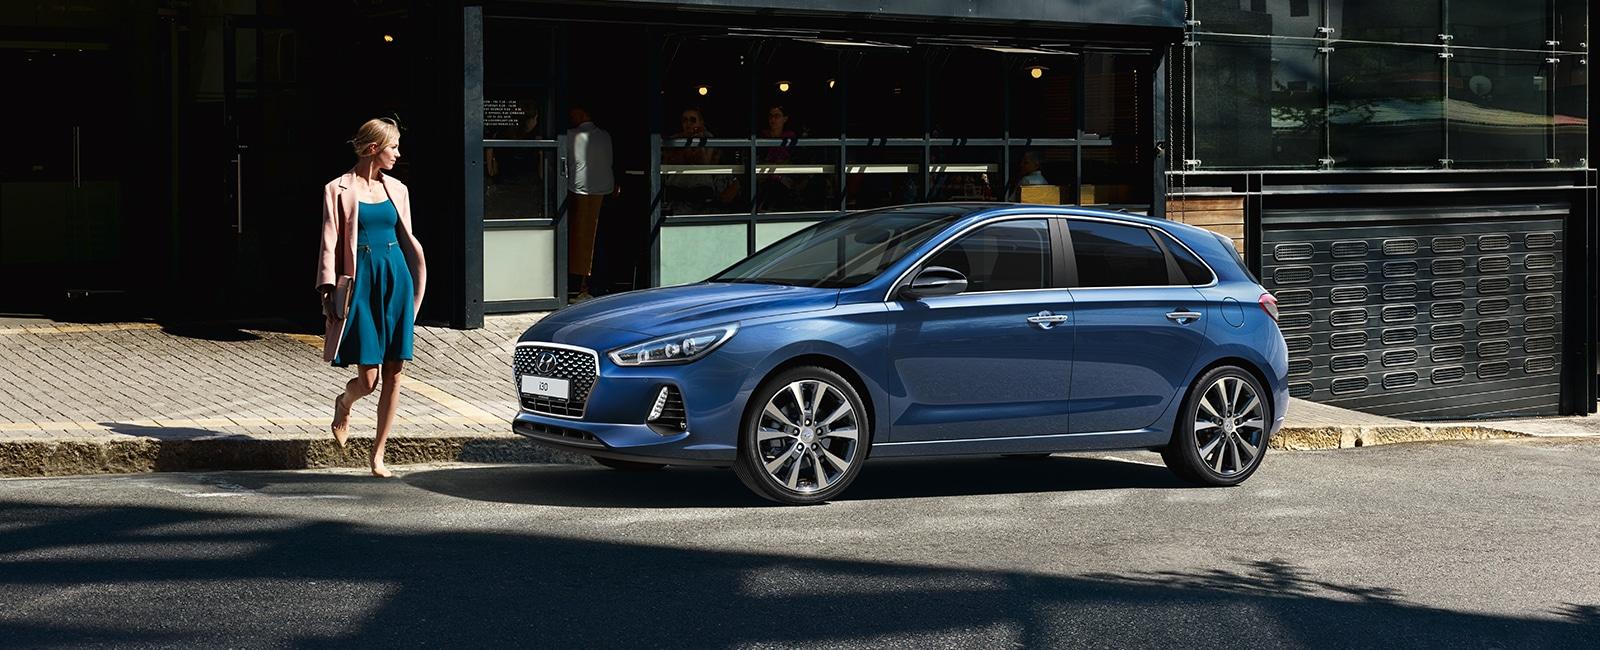 Hyundai i30 blå, dame